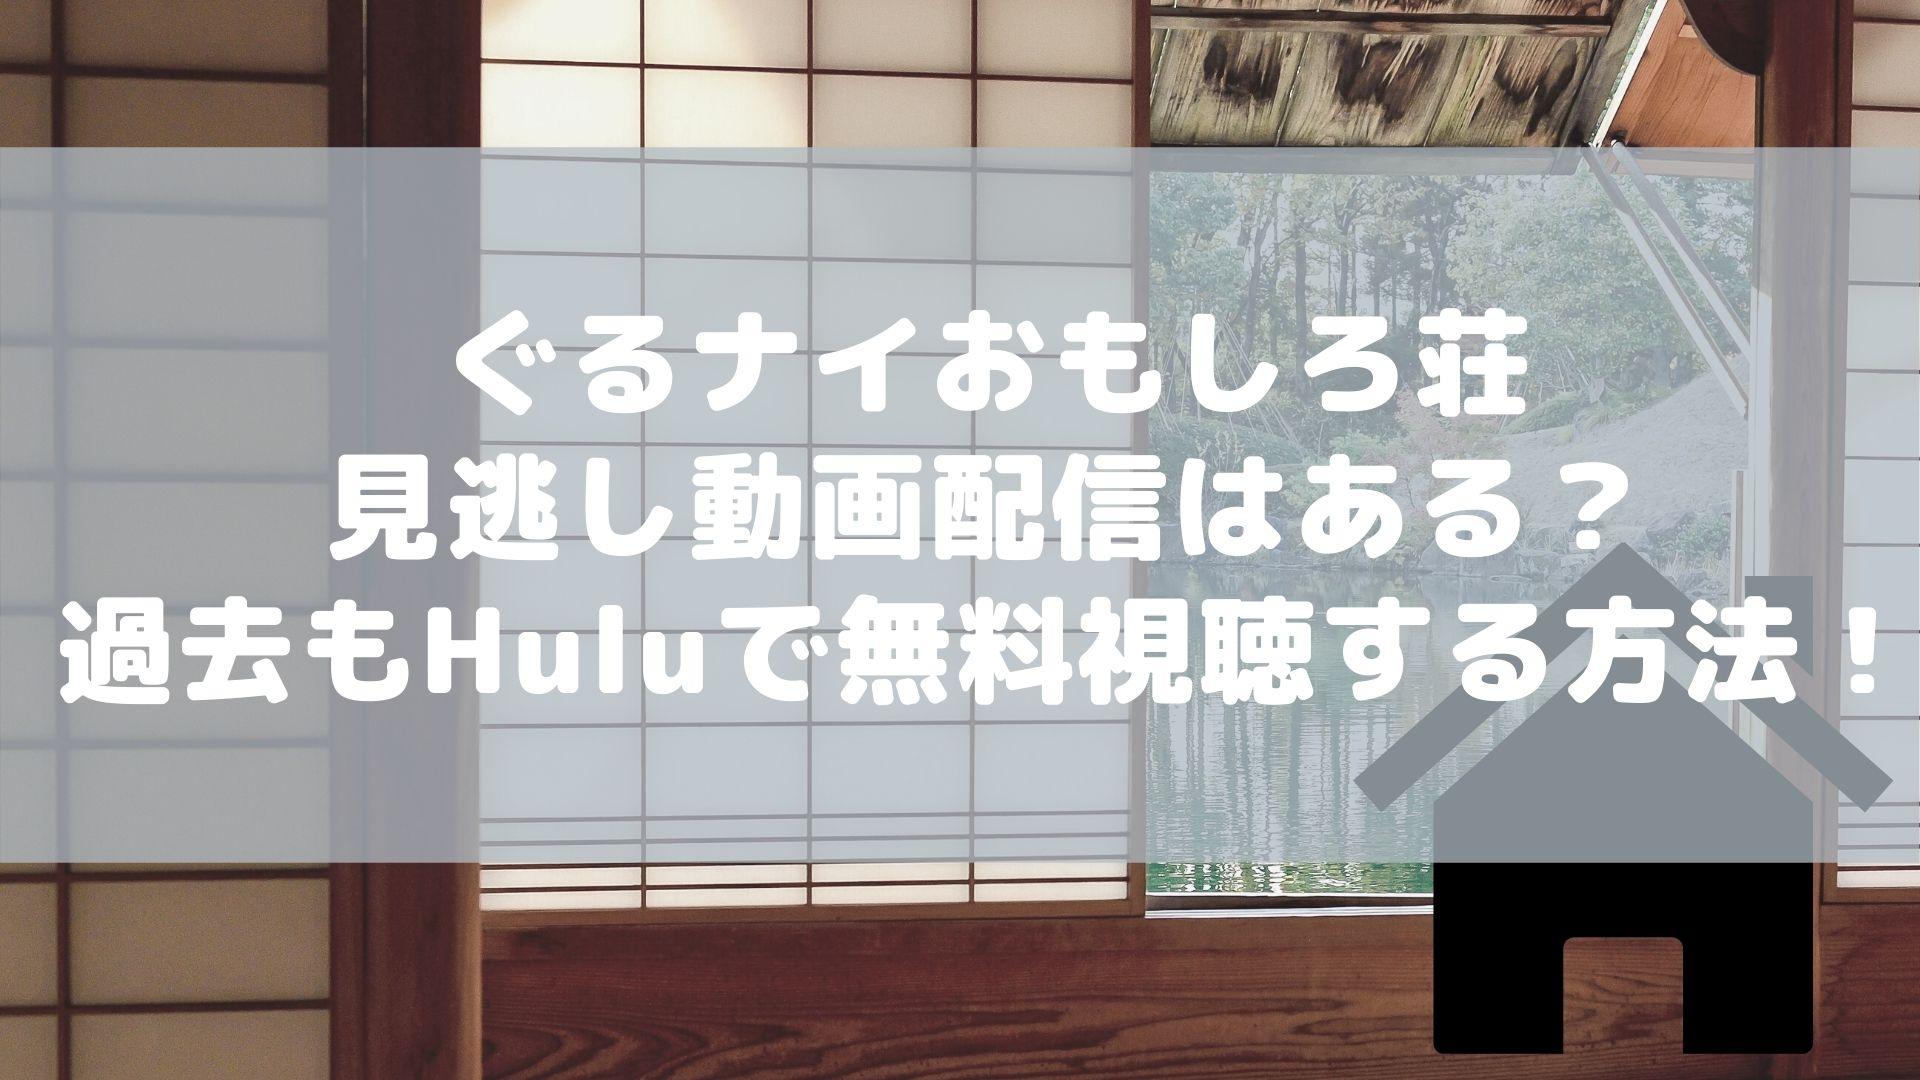 ぐるナイおもしろ荘2021見逃し動画配信はある?Huluで無料視聴する方法タイトル画像